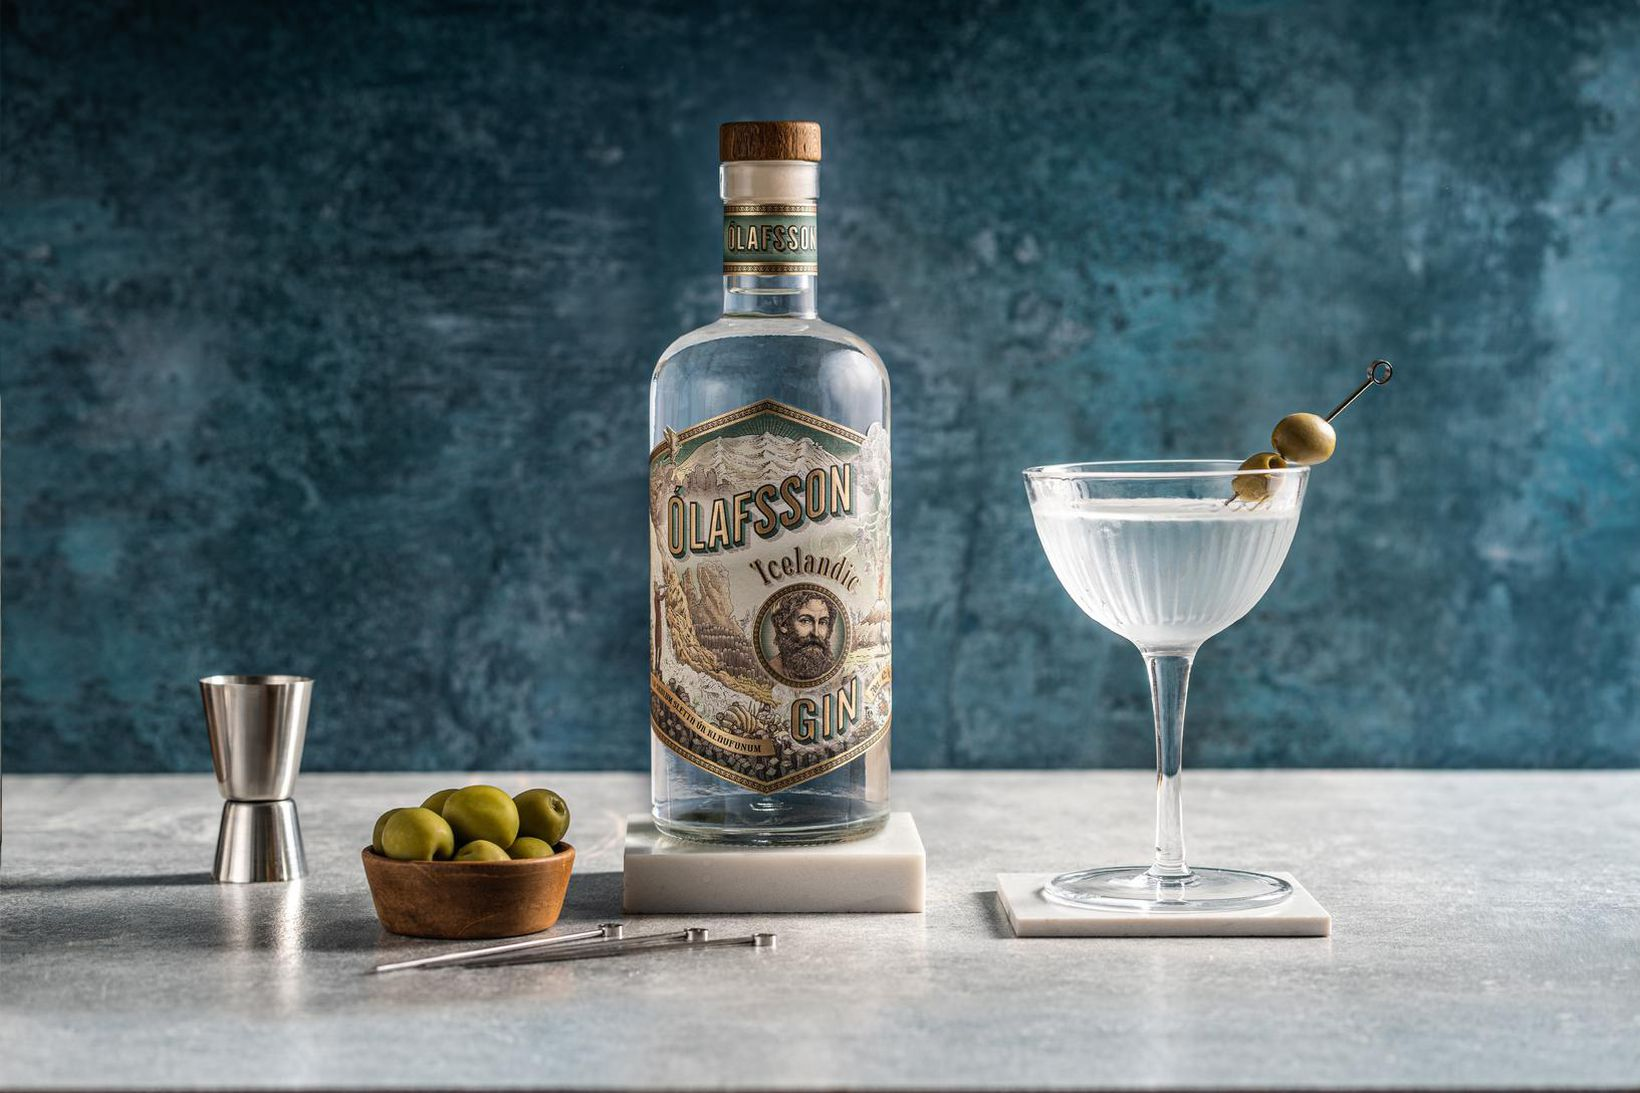 Ólafsson gin er næstbesta fáanlega ginið í martini-kokteila að mati …